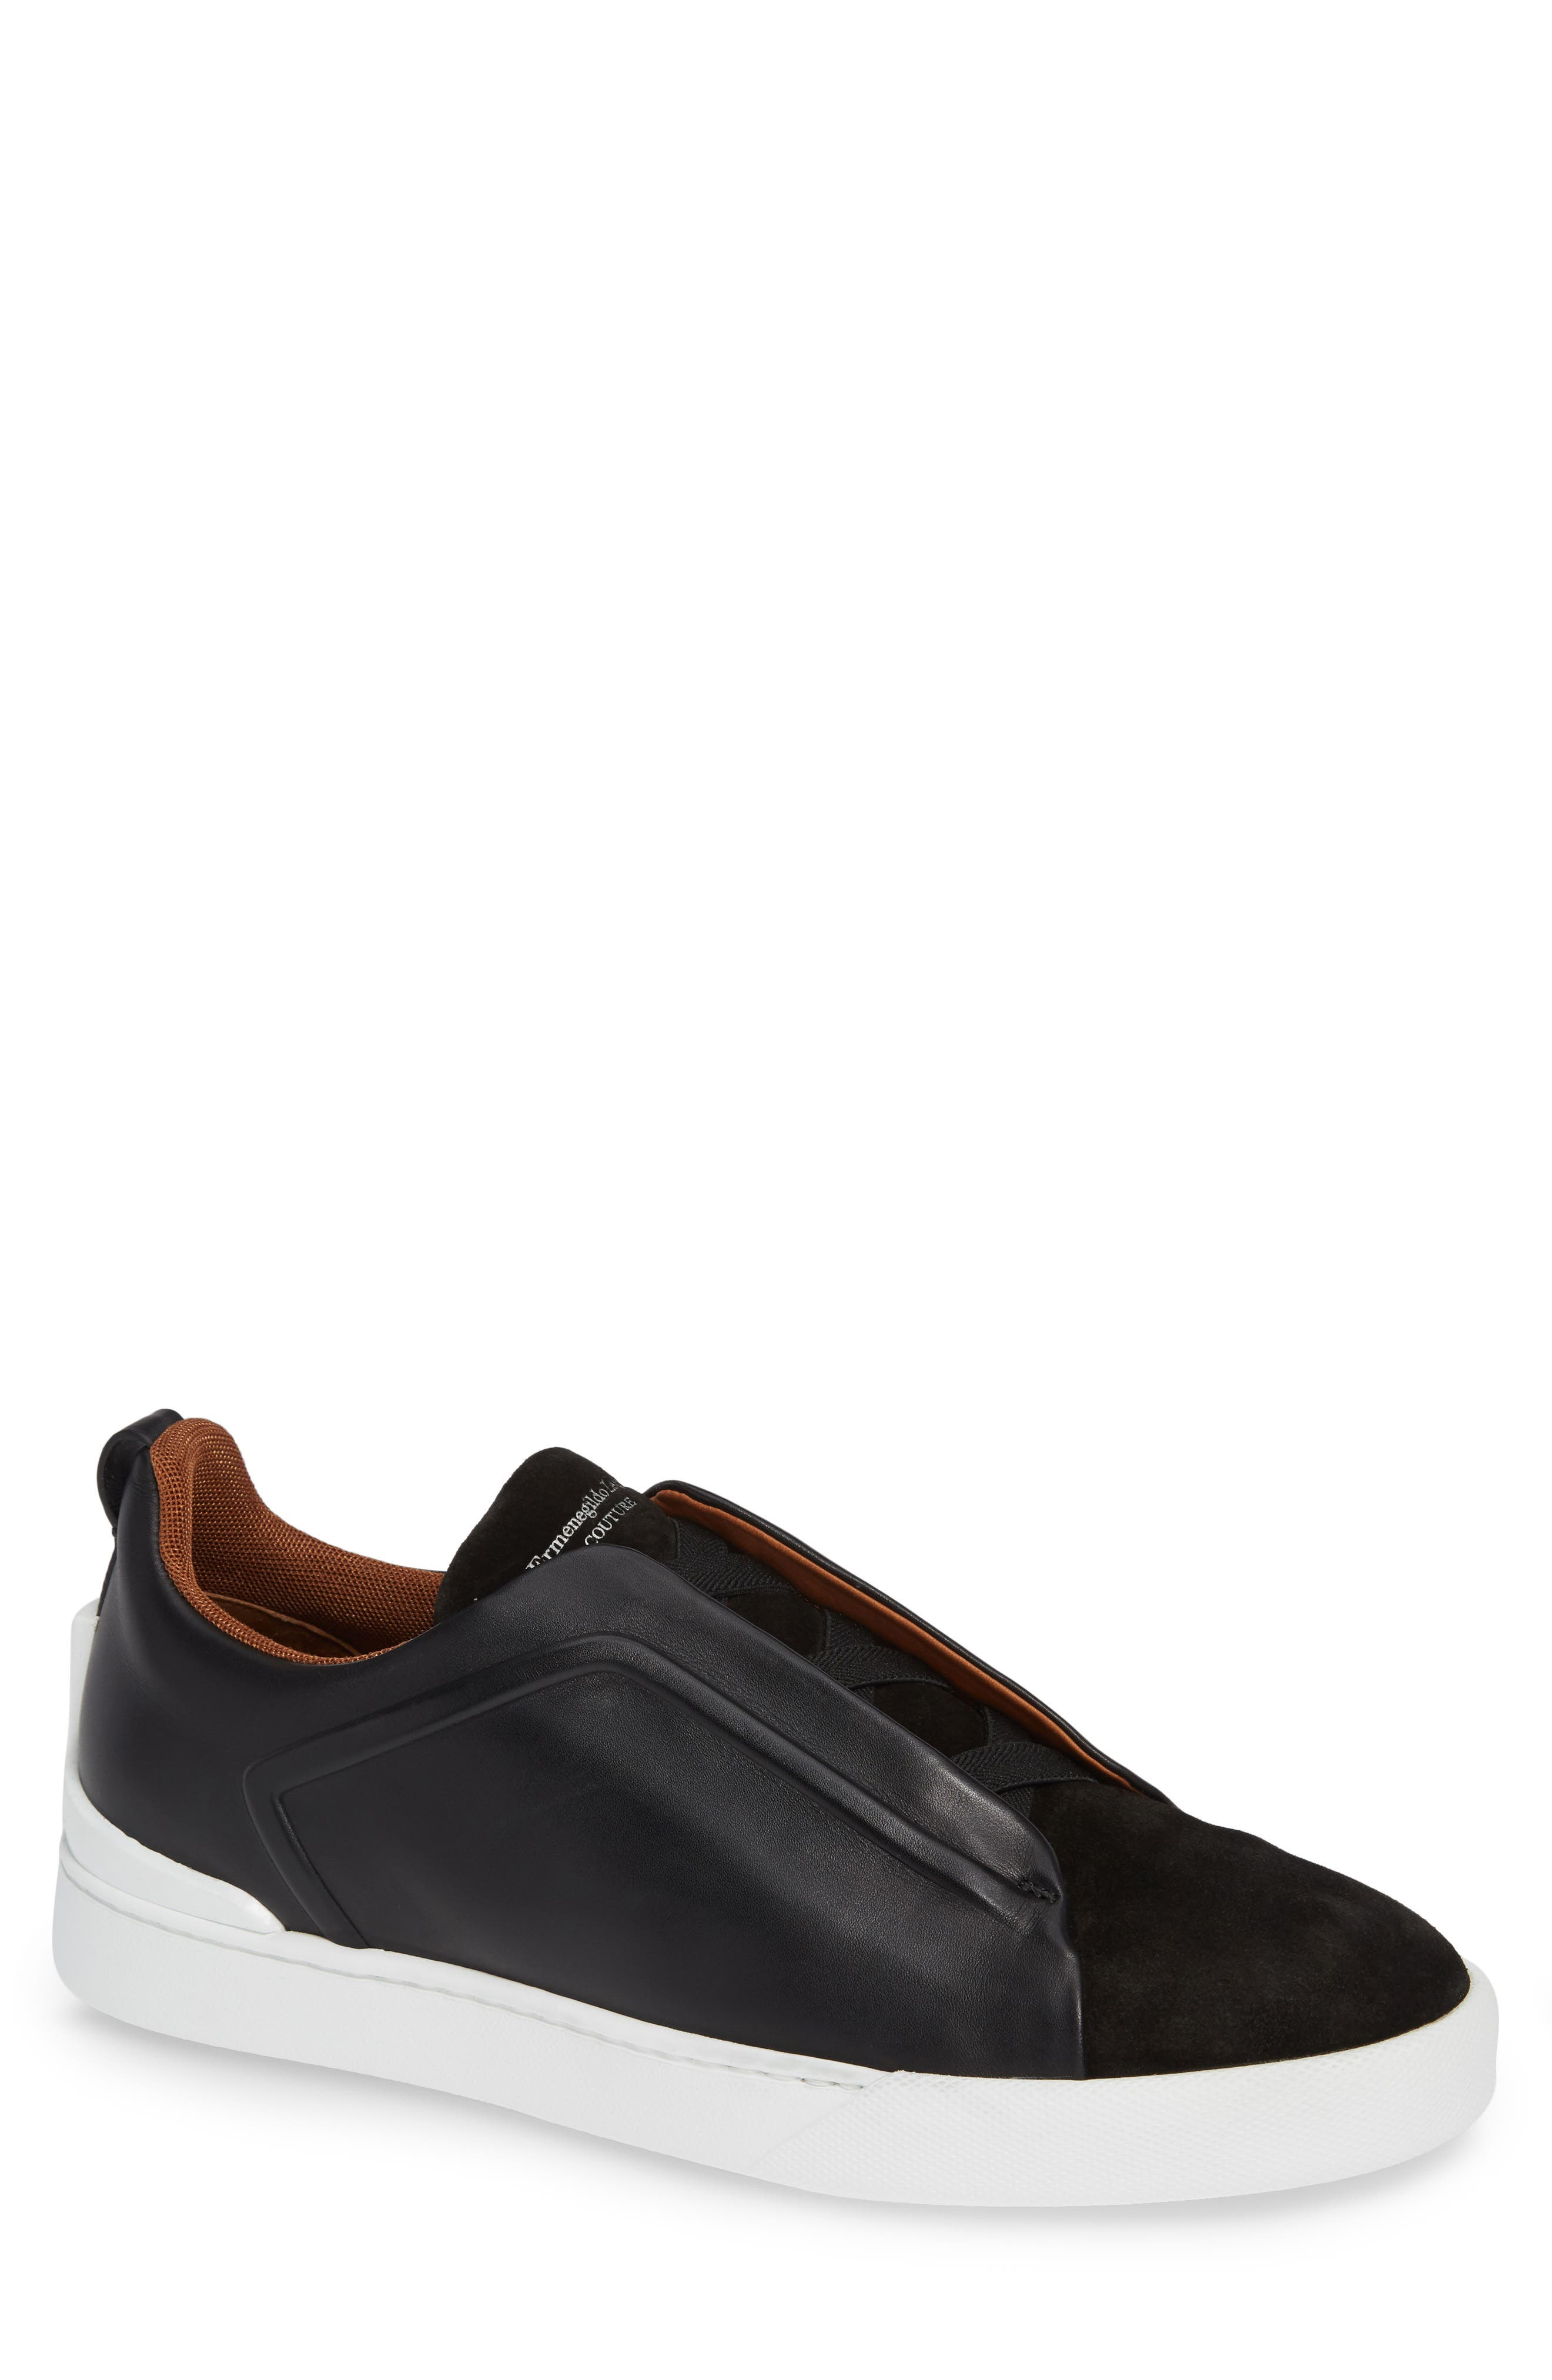 ERMENEGILDO ZEGNA Slip-On Sneaker, Main, color, BLACK